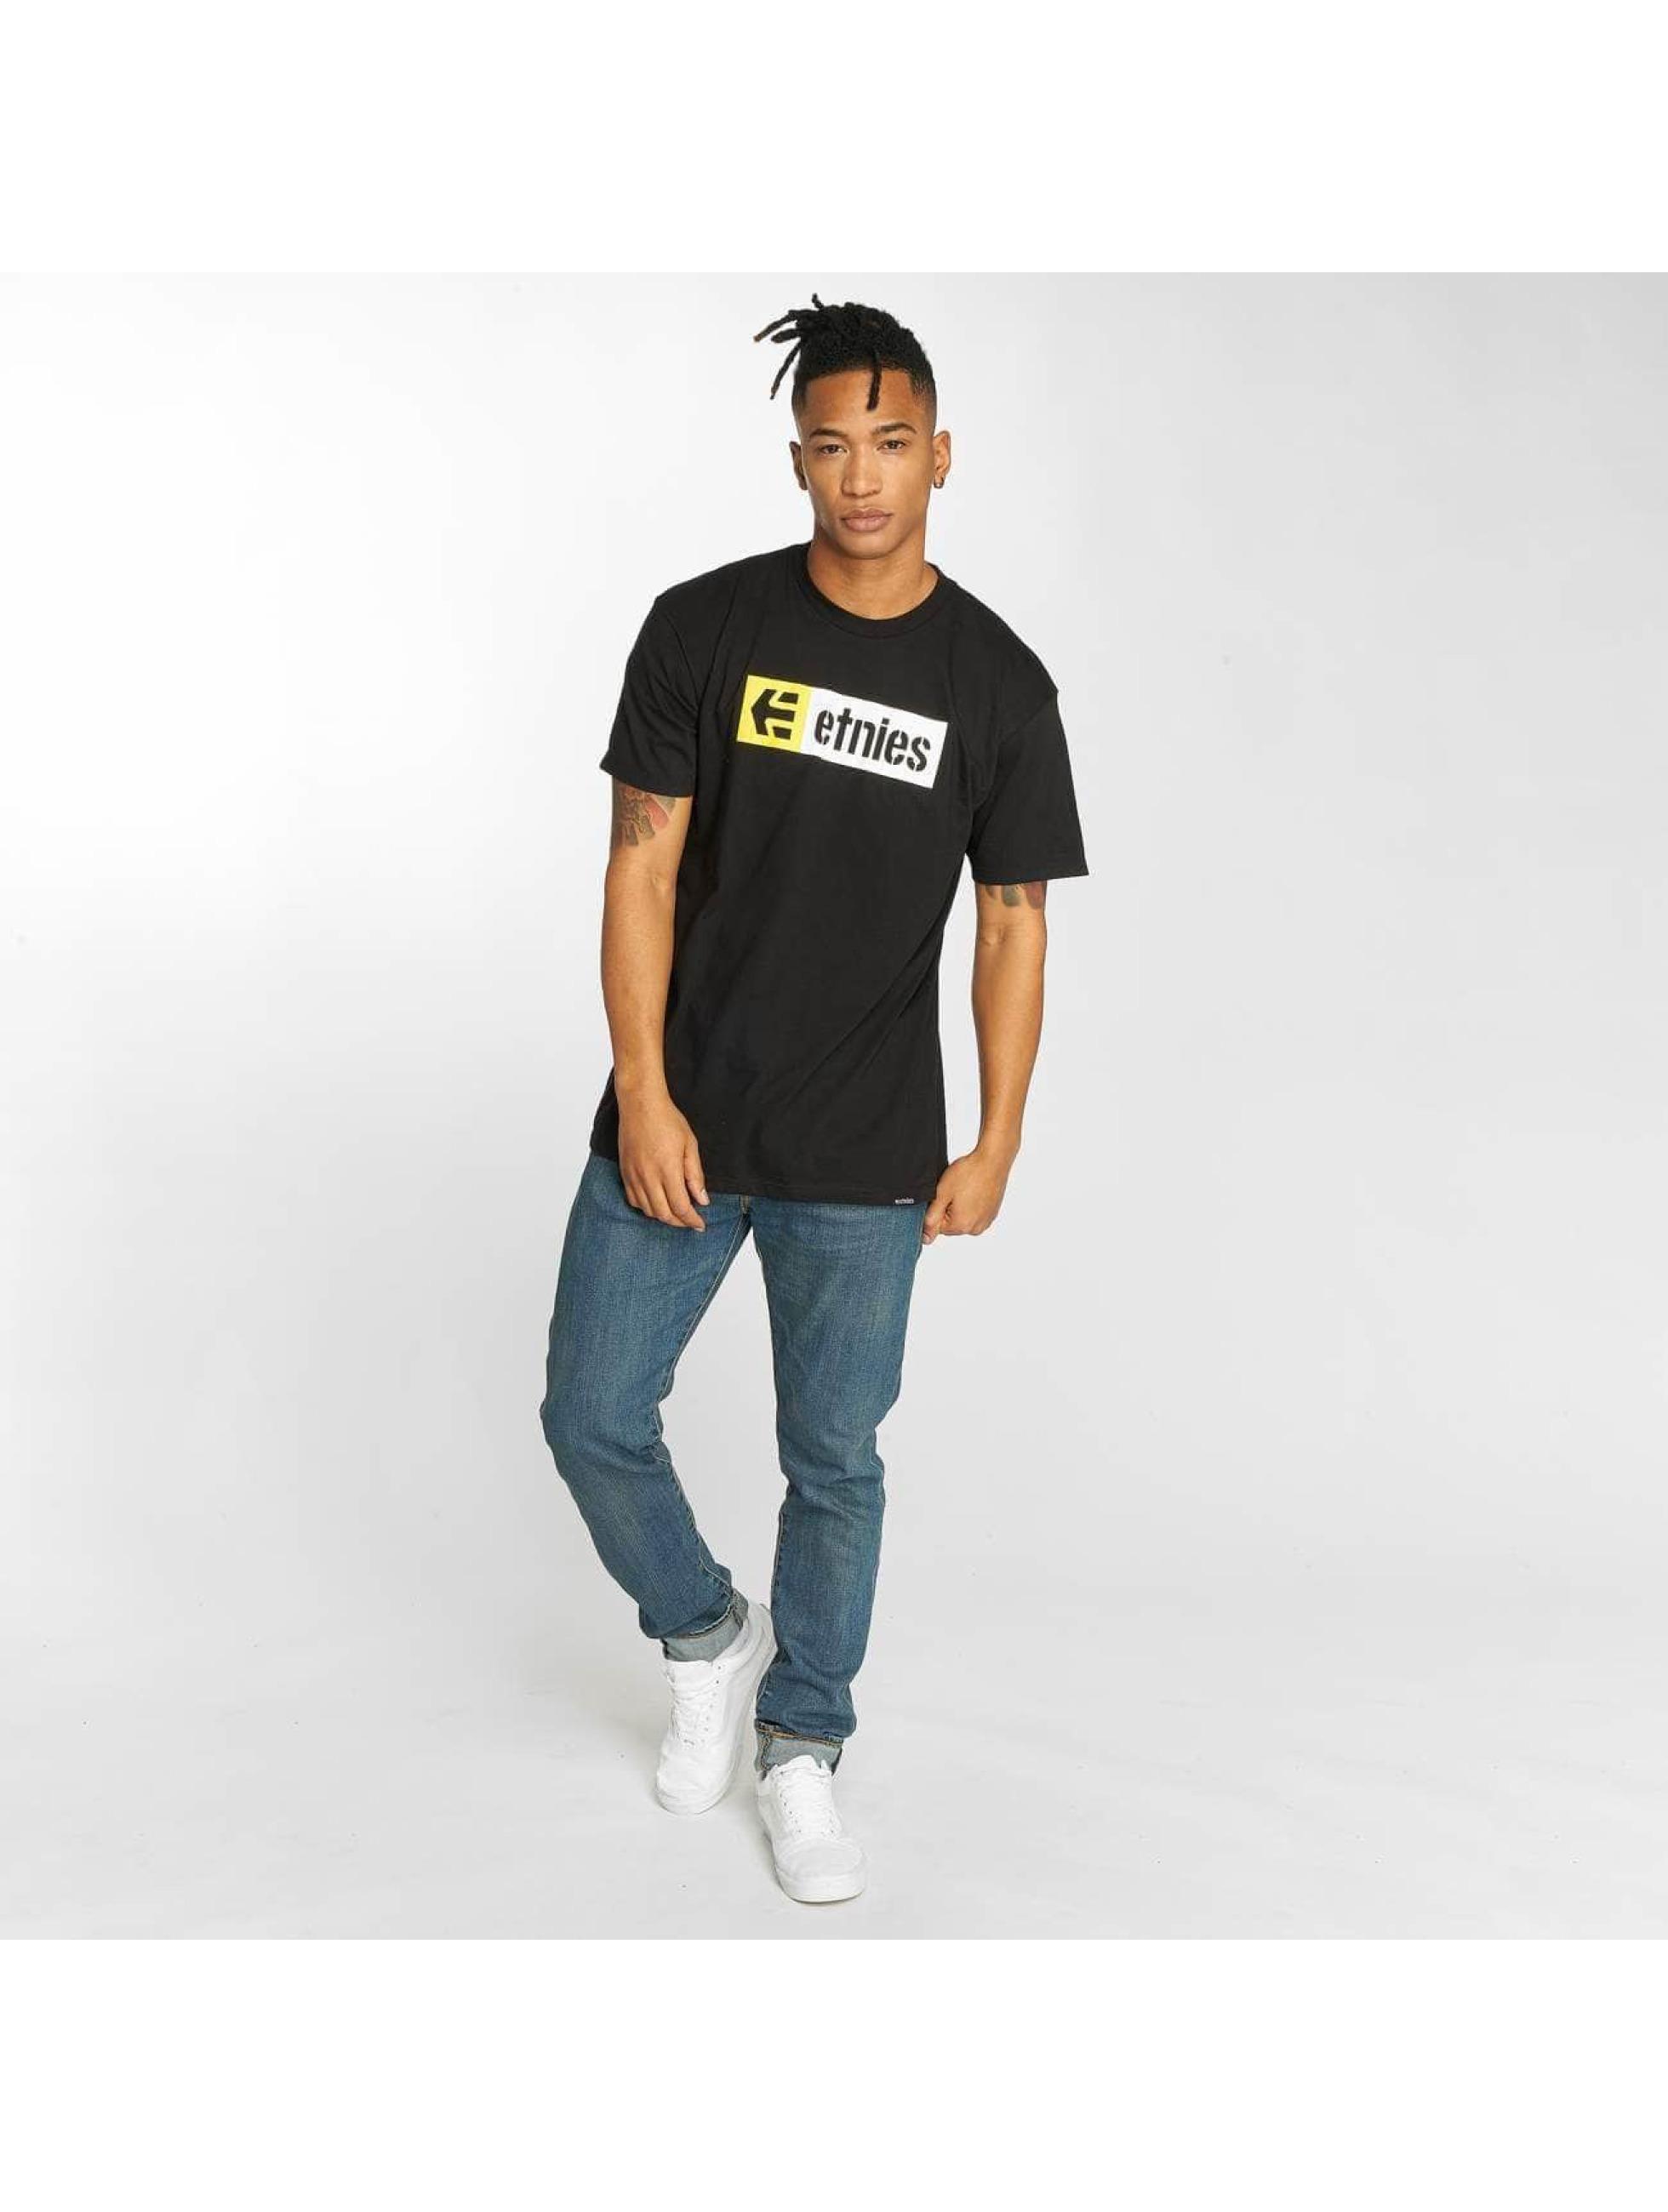 Etnies T-skjorter New Box grå